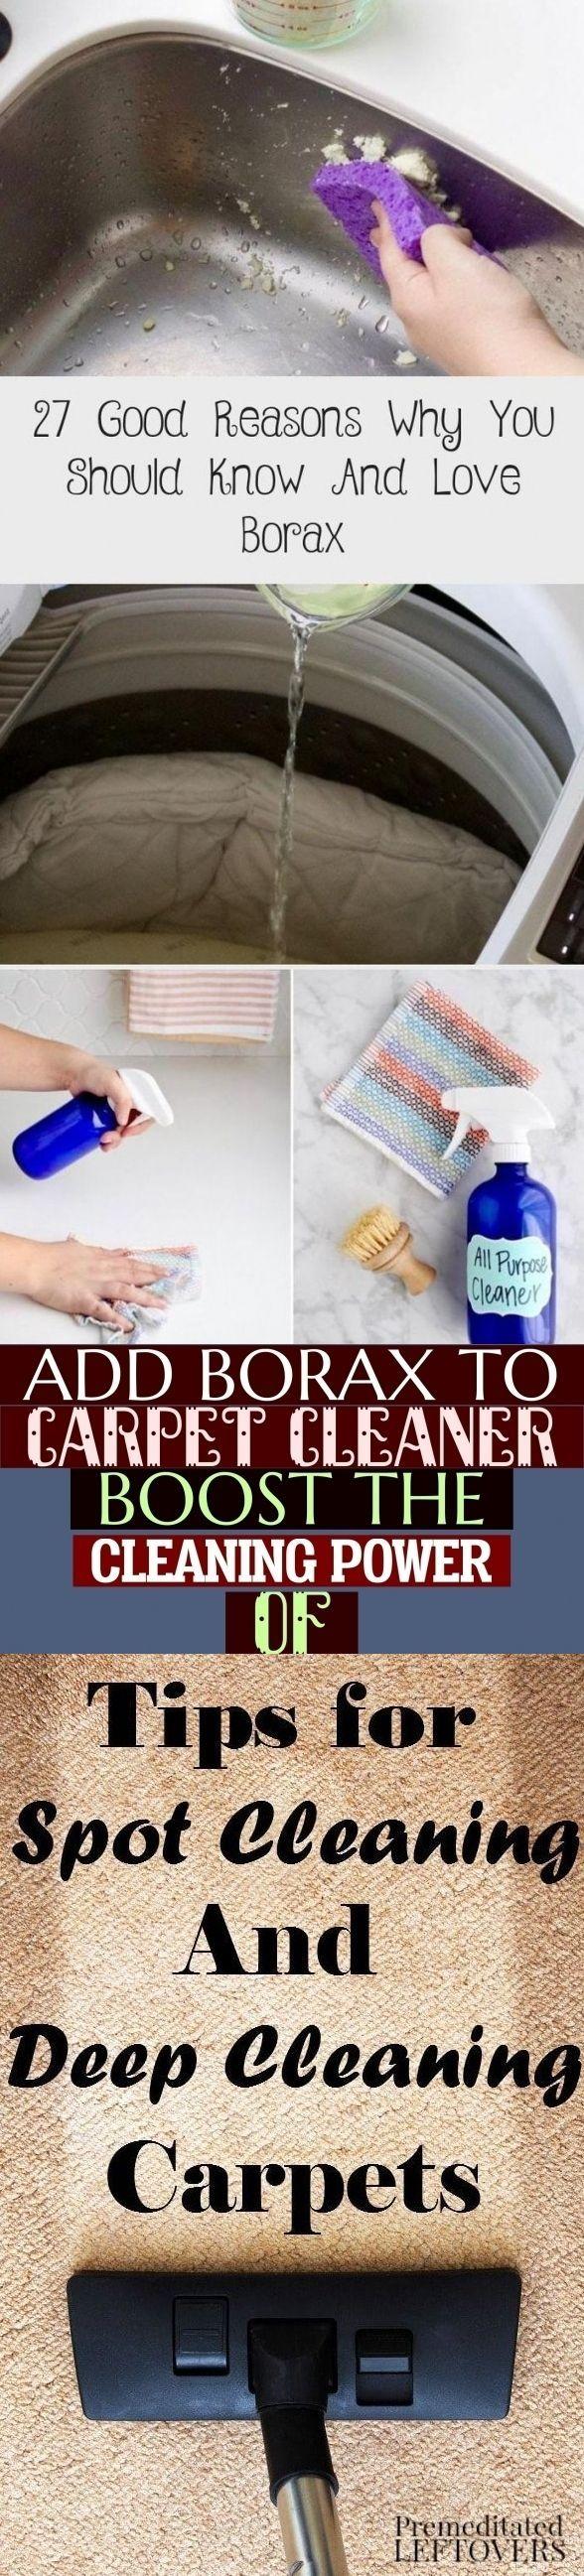 Fügen Sie Borax zum Teppichreiniger hinzu und steigern Sie die Reinigungskraft von! #carpetcleaningphotos ...,  #Borax #carpetcleaningphotos #die #fügen #hinzu #Reinigungskraft #Sie #Steigern #Teppichreiniger #und #von #zum